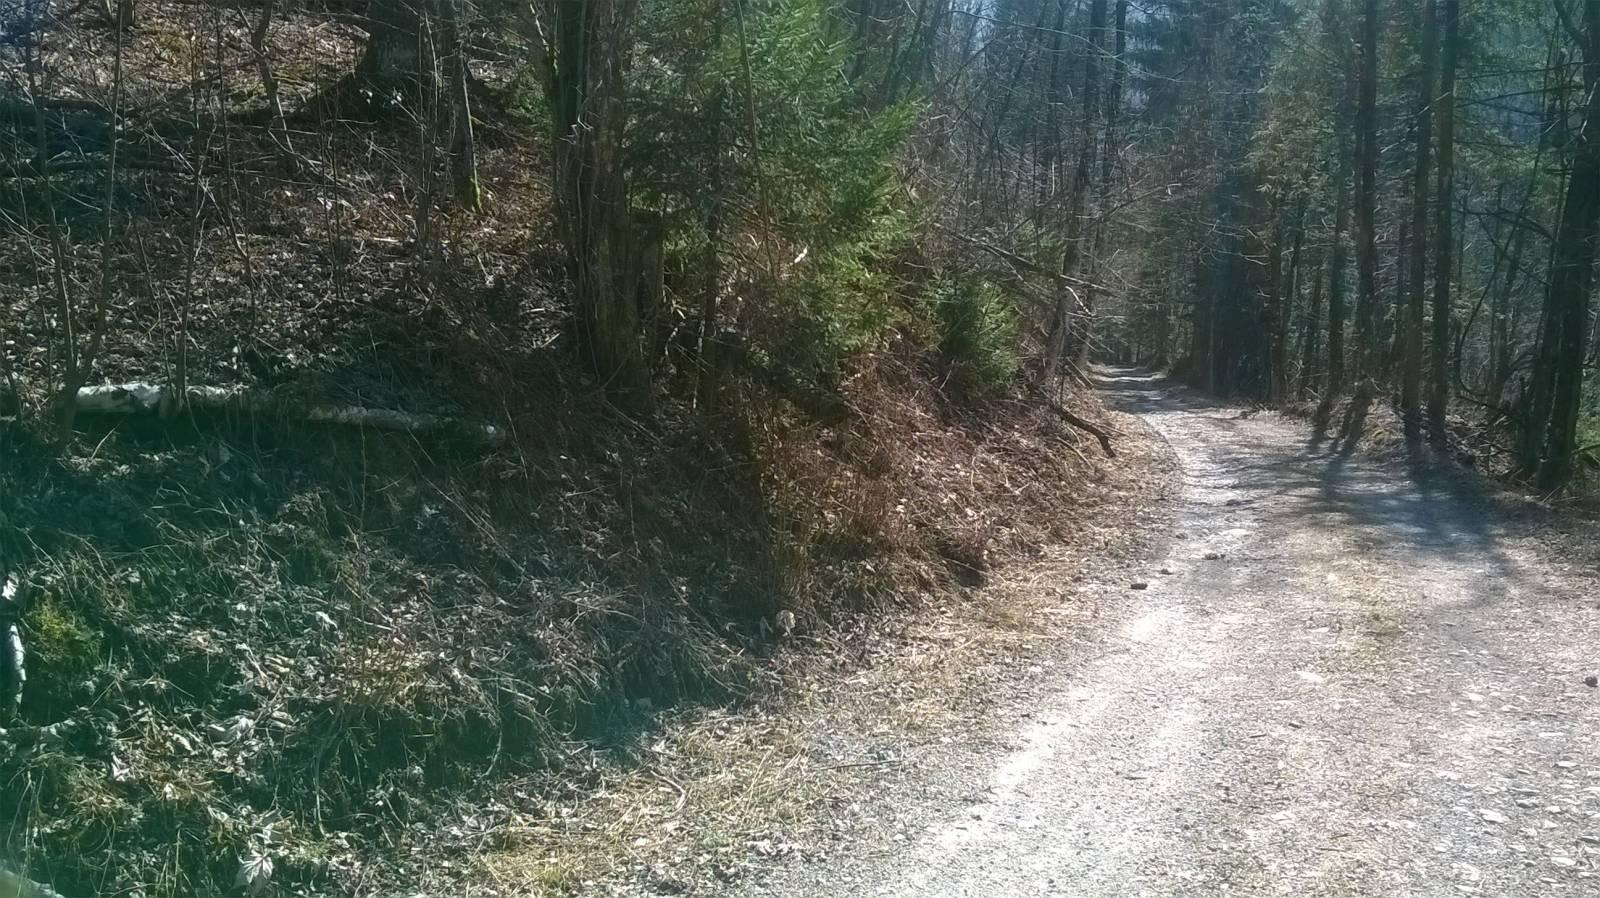 Gorski kotar, Nacionalni park, šuma